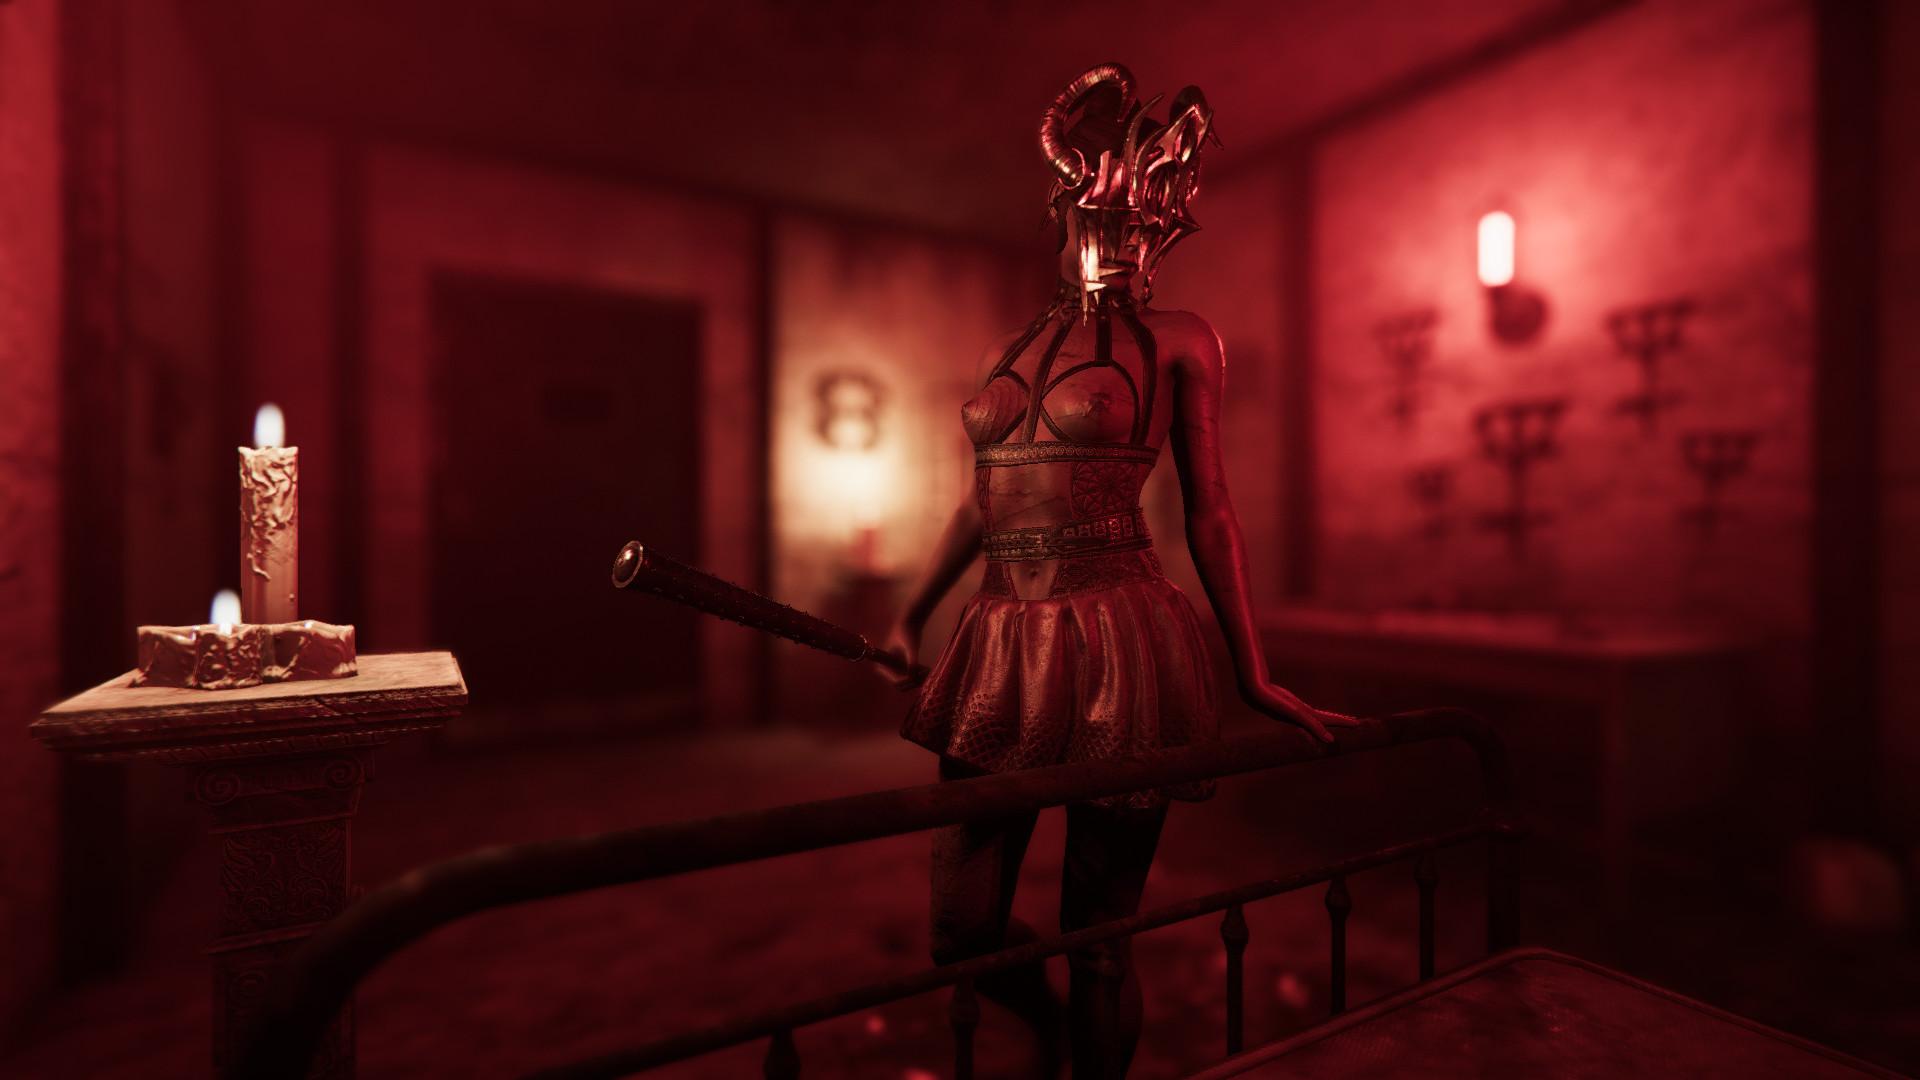 Lust From Beyond: Scarlet Reah